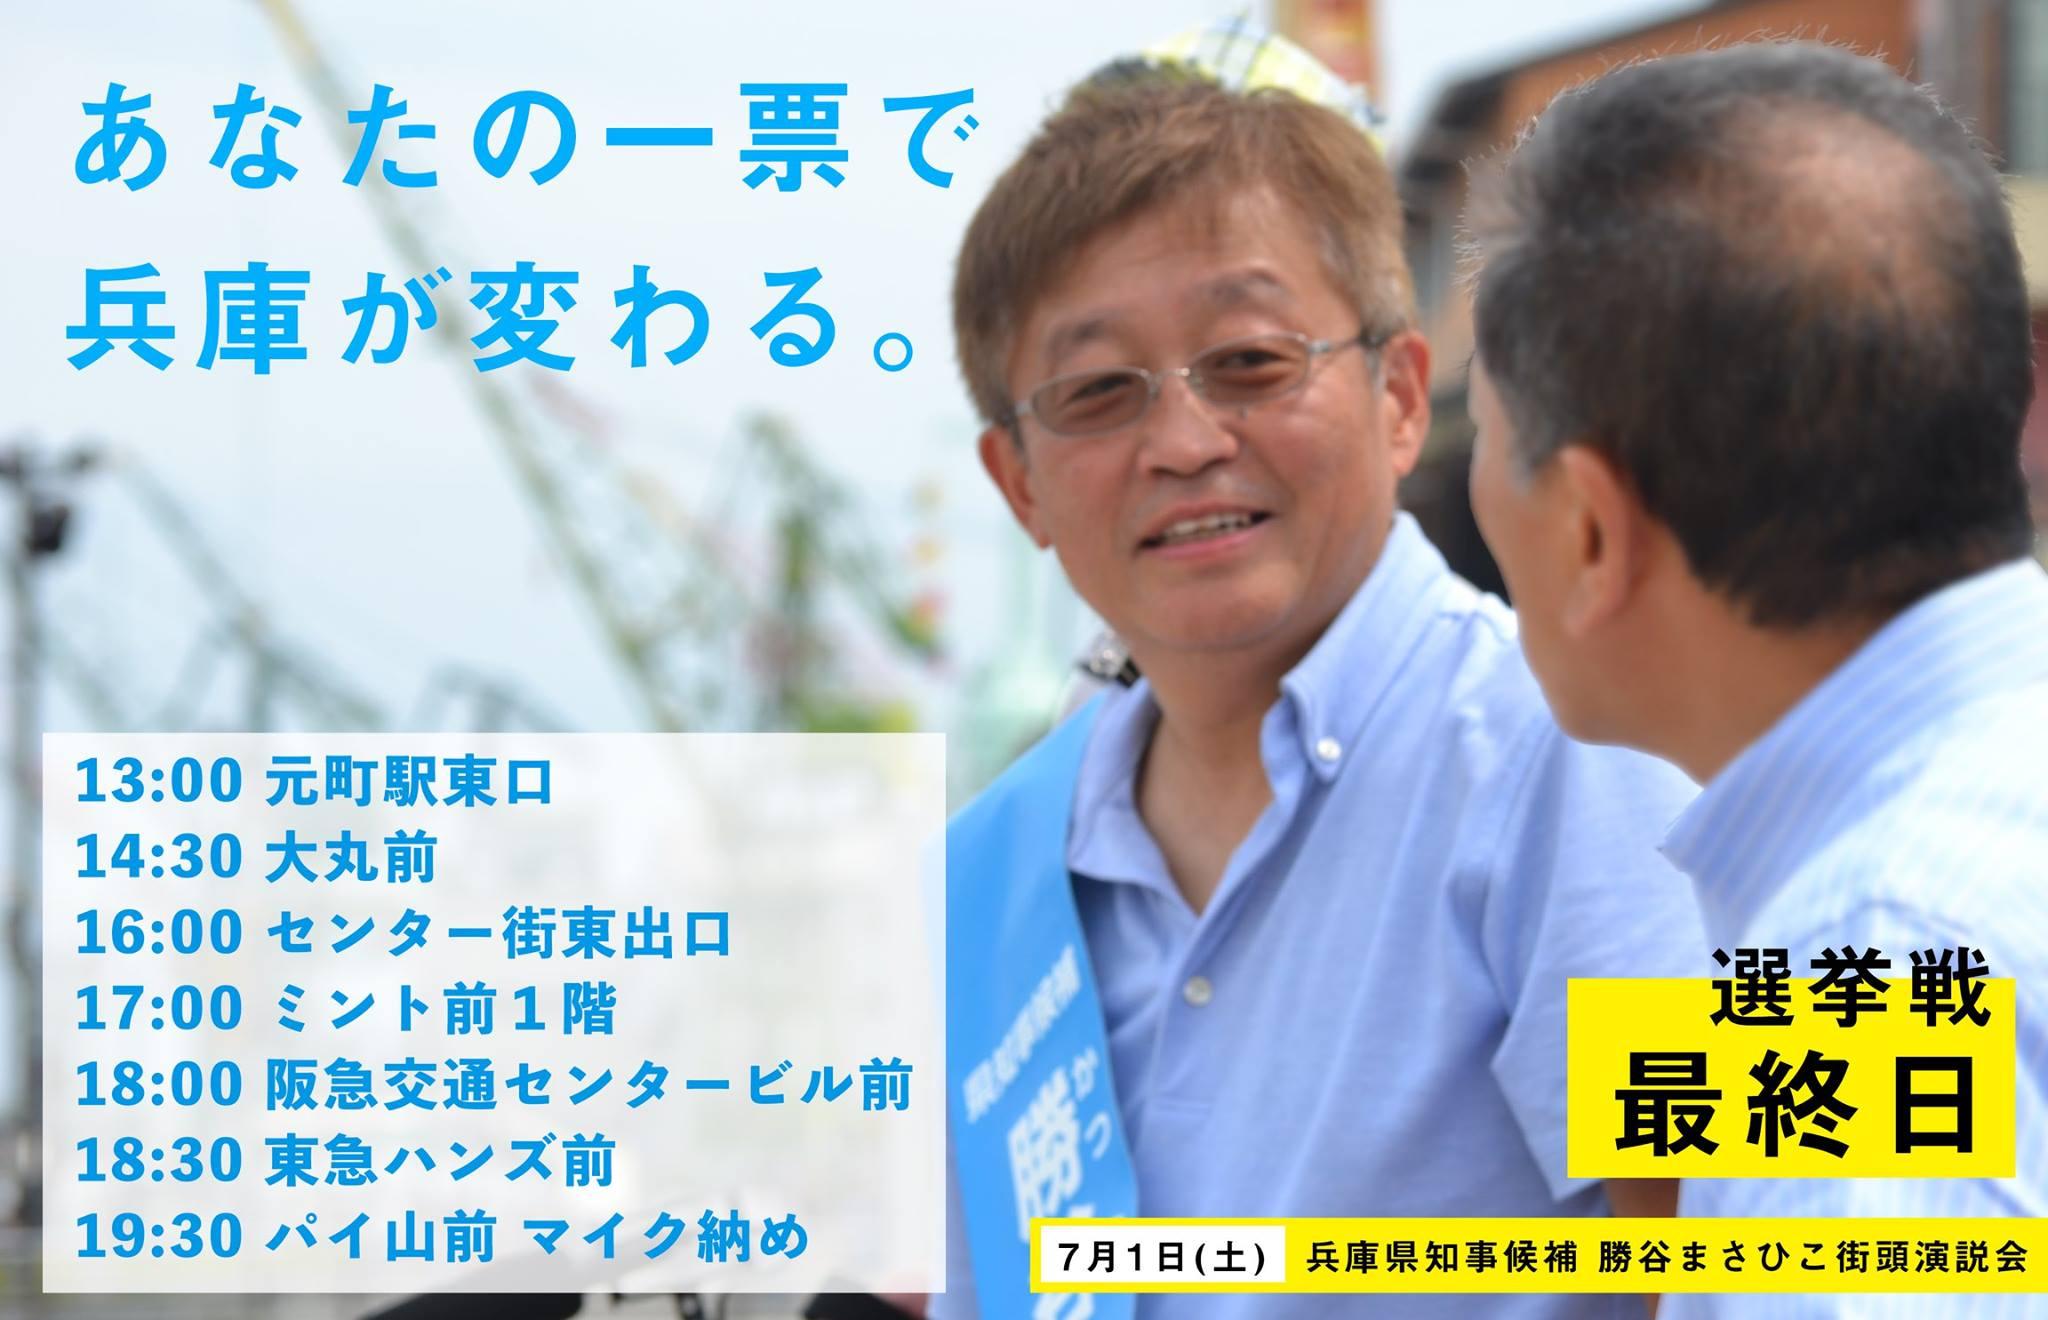 (選挙中の勝谷氏の写真。勝谷氏Facebookより引用)